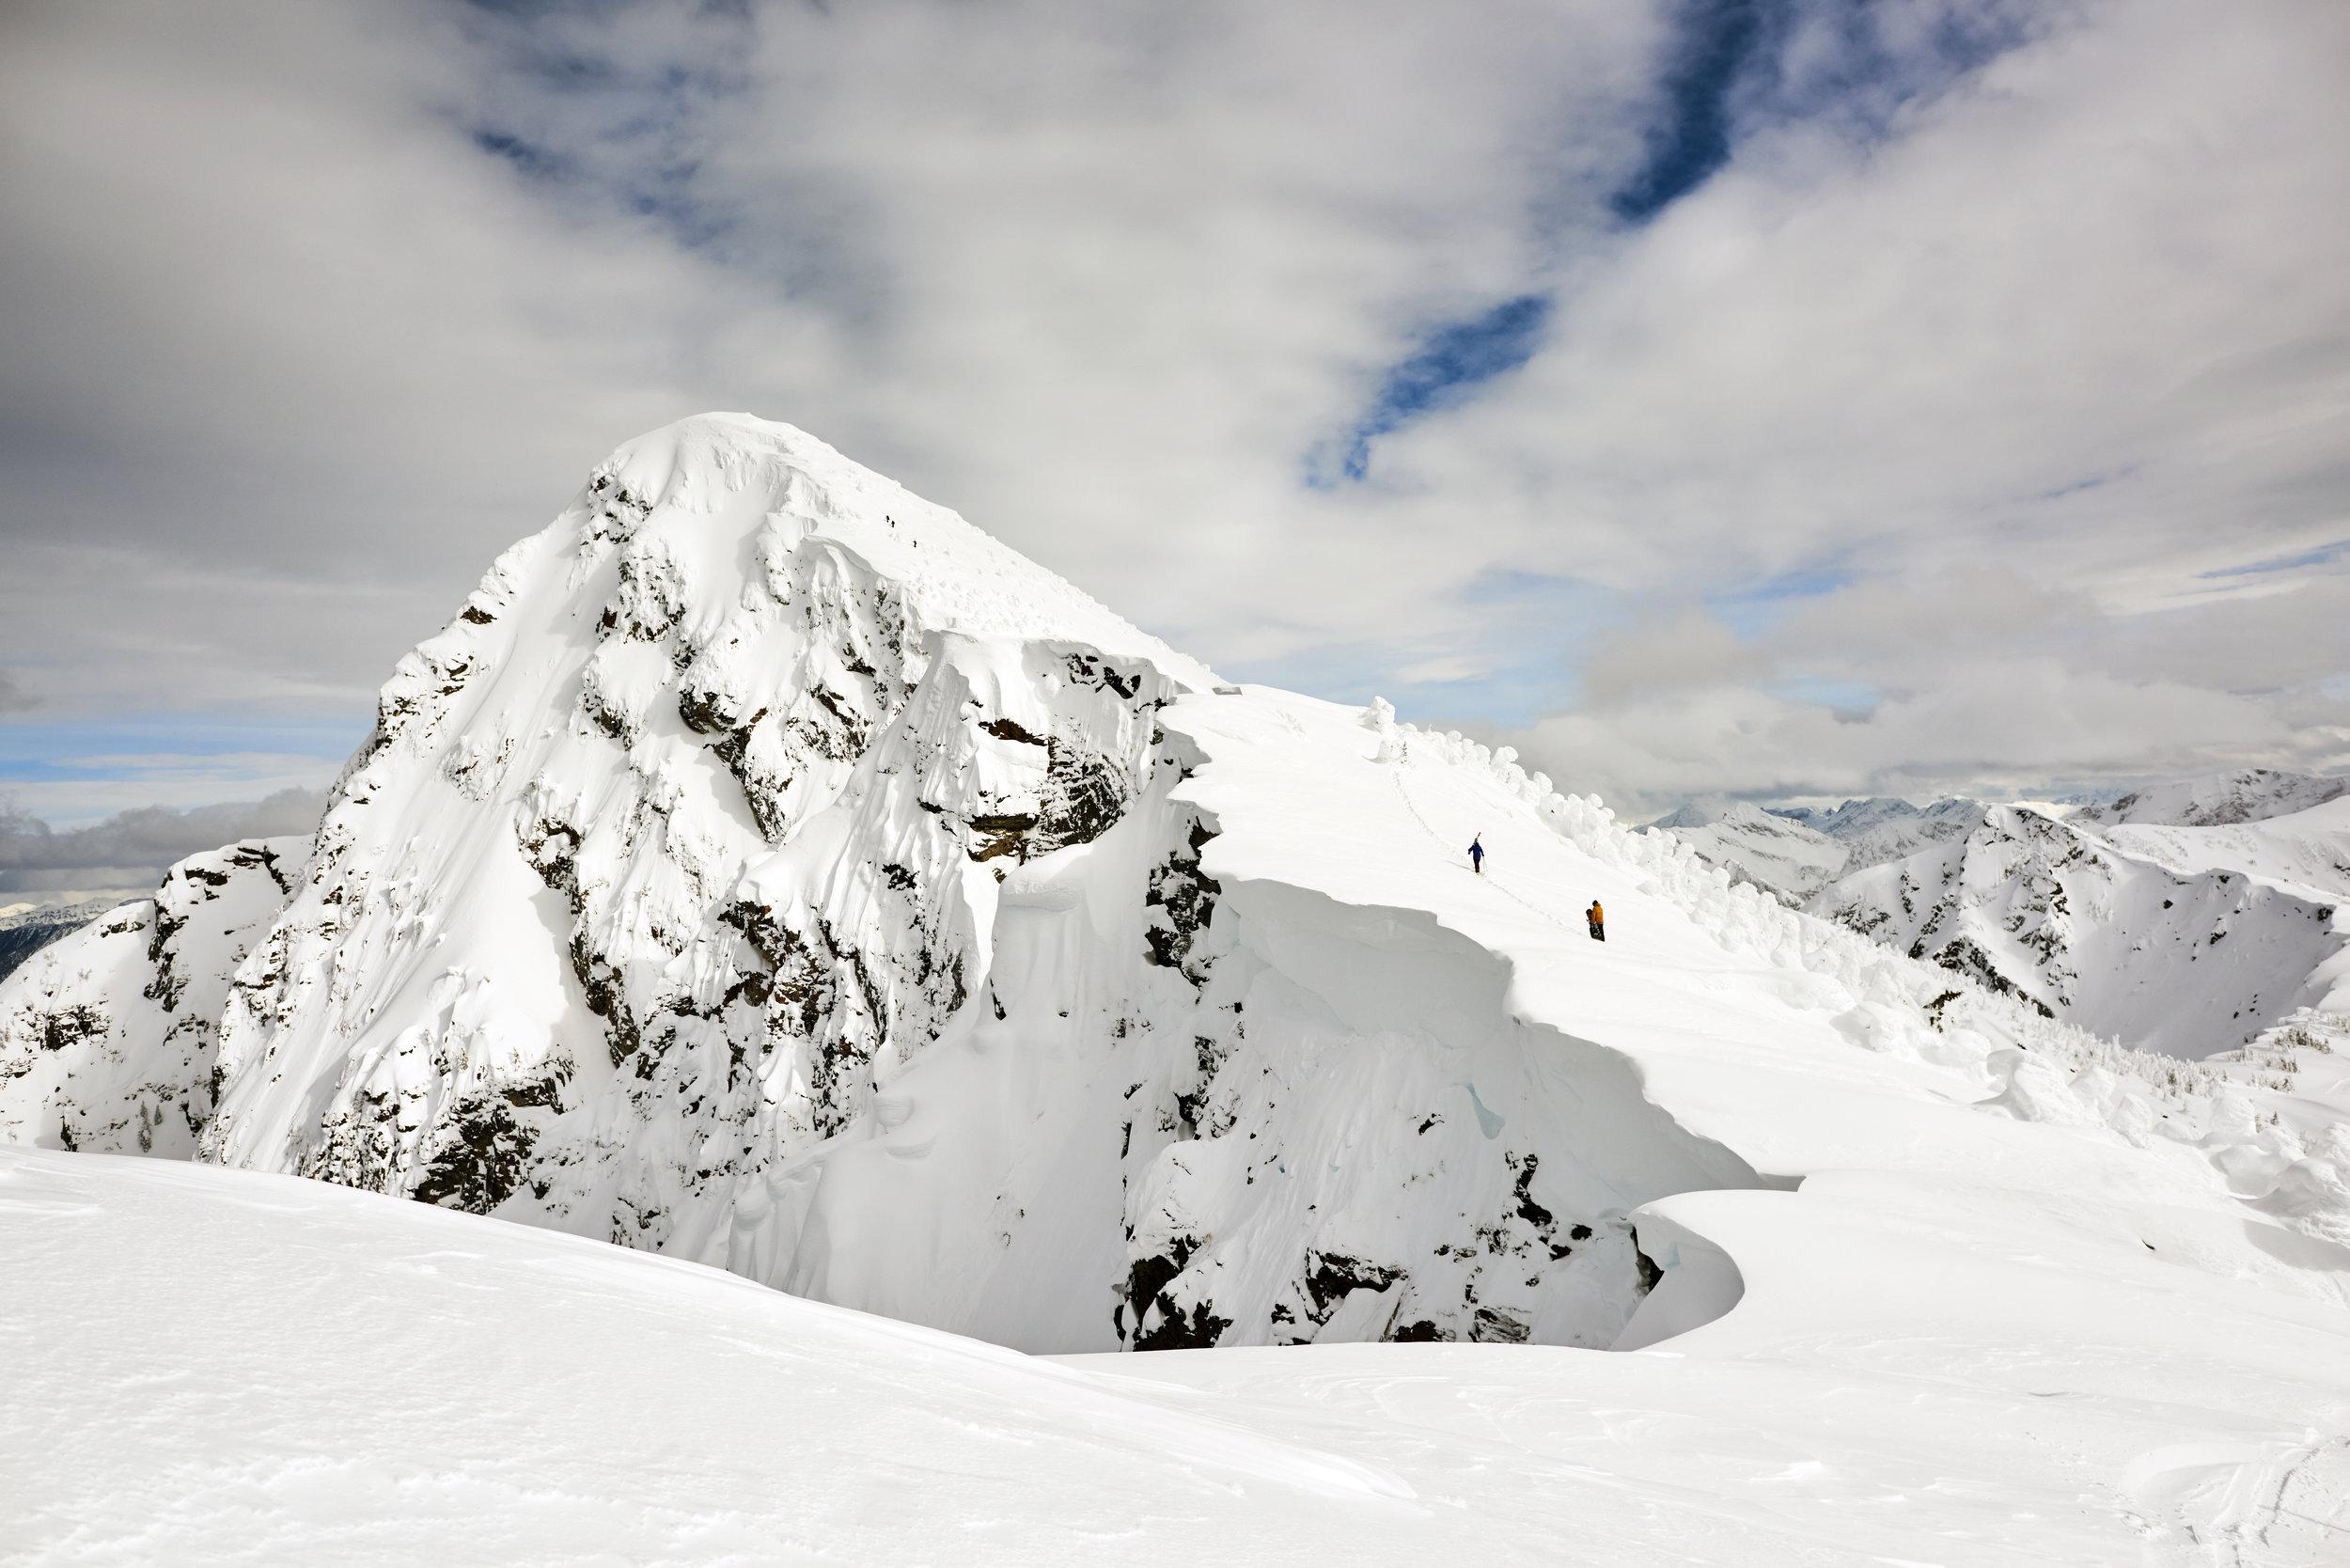 MOUNT MACKENZIE, BC